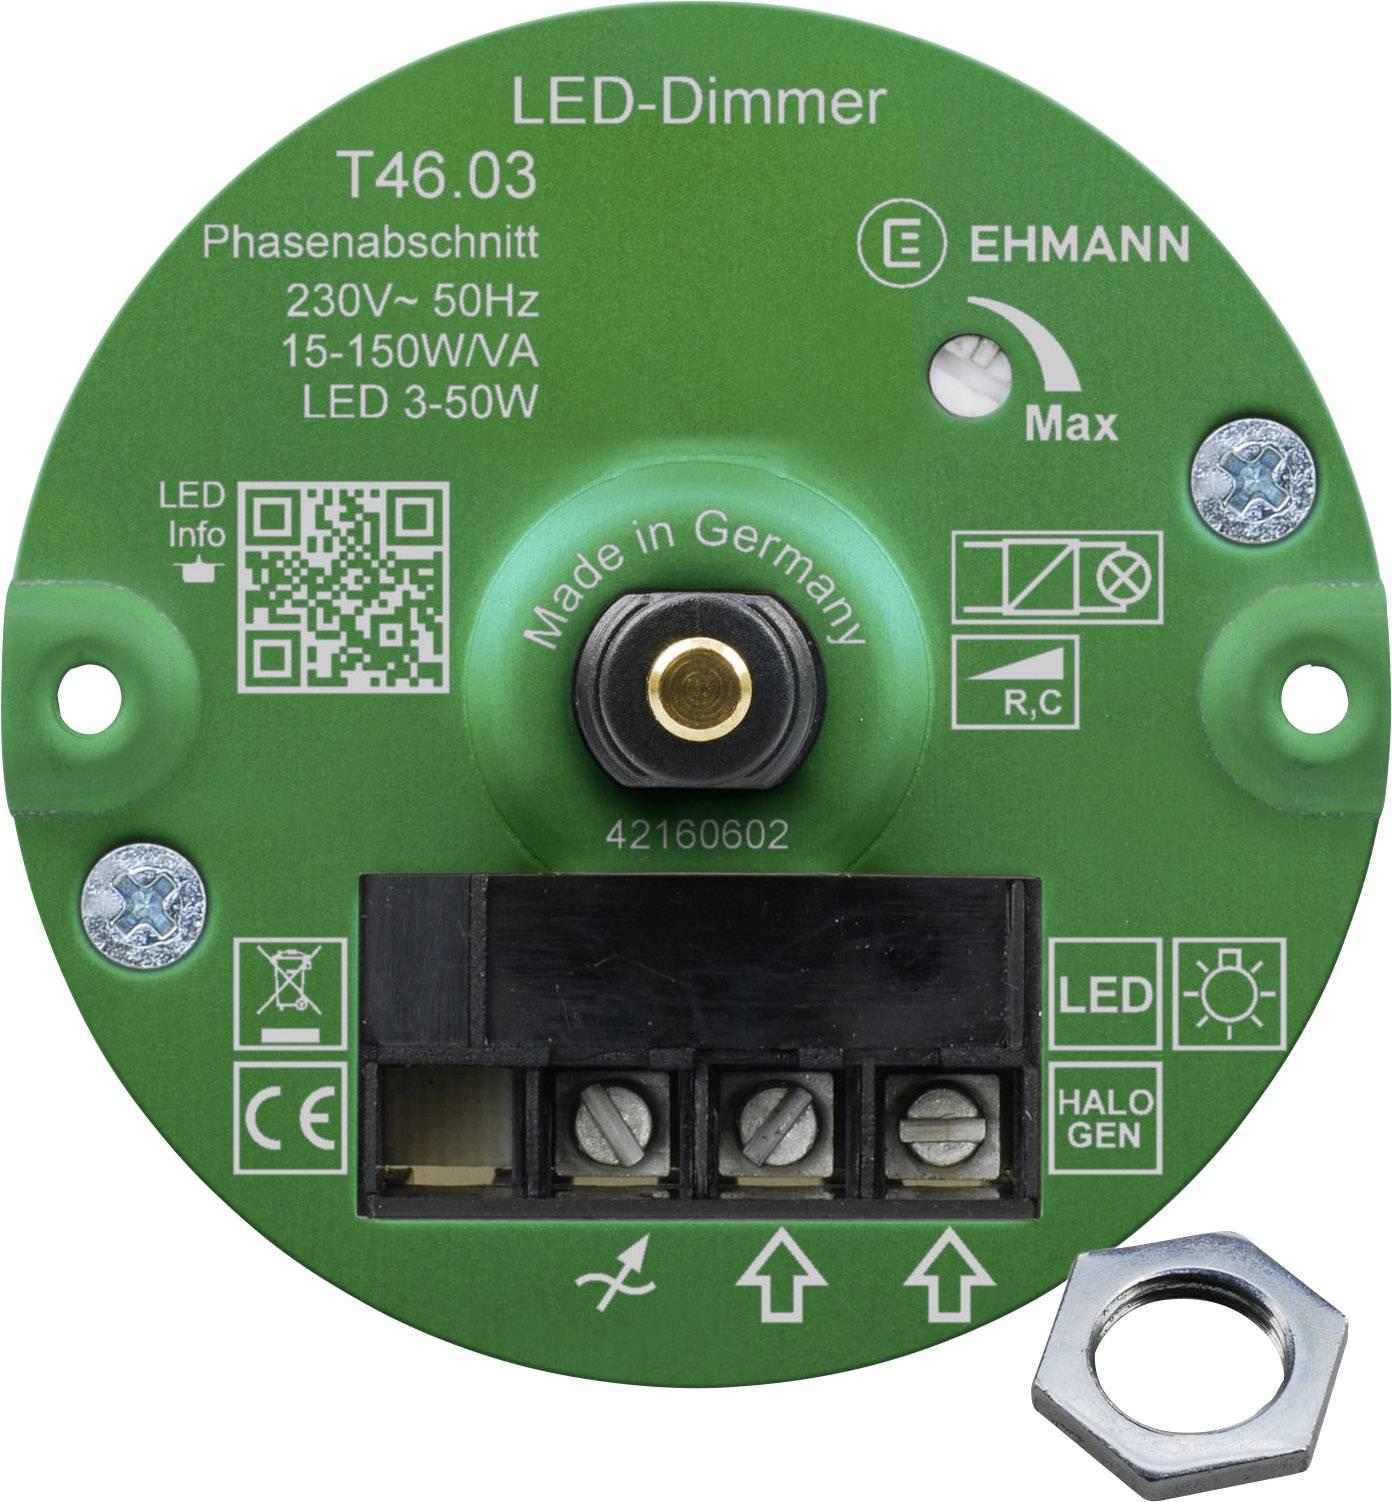 Ehmann 4660x0310ch Unterputz Dimmer Geeignet für Leuchtmittel: Glühlampe, Halogenlampe, LED Lampe Weiß